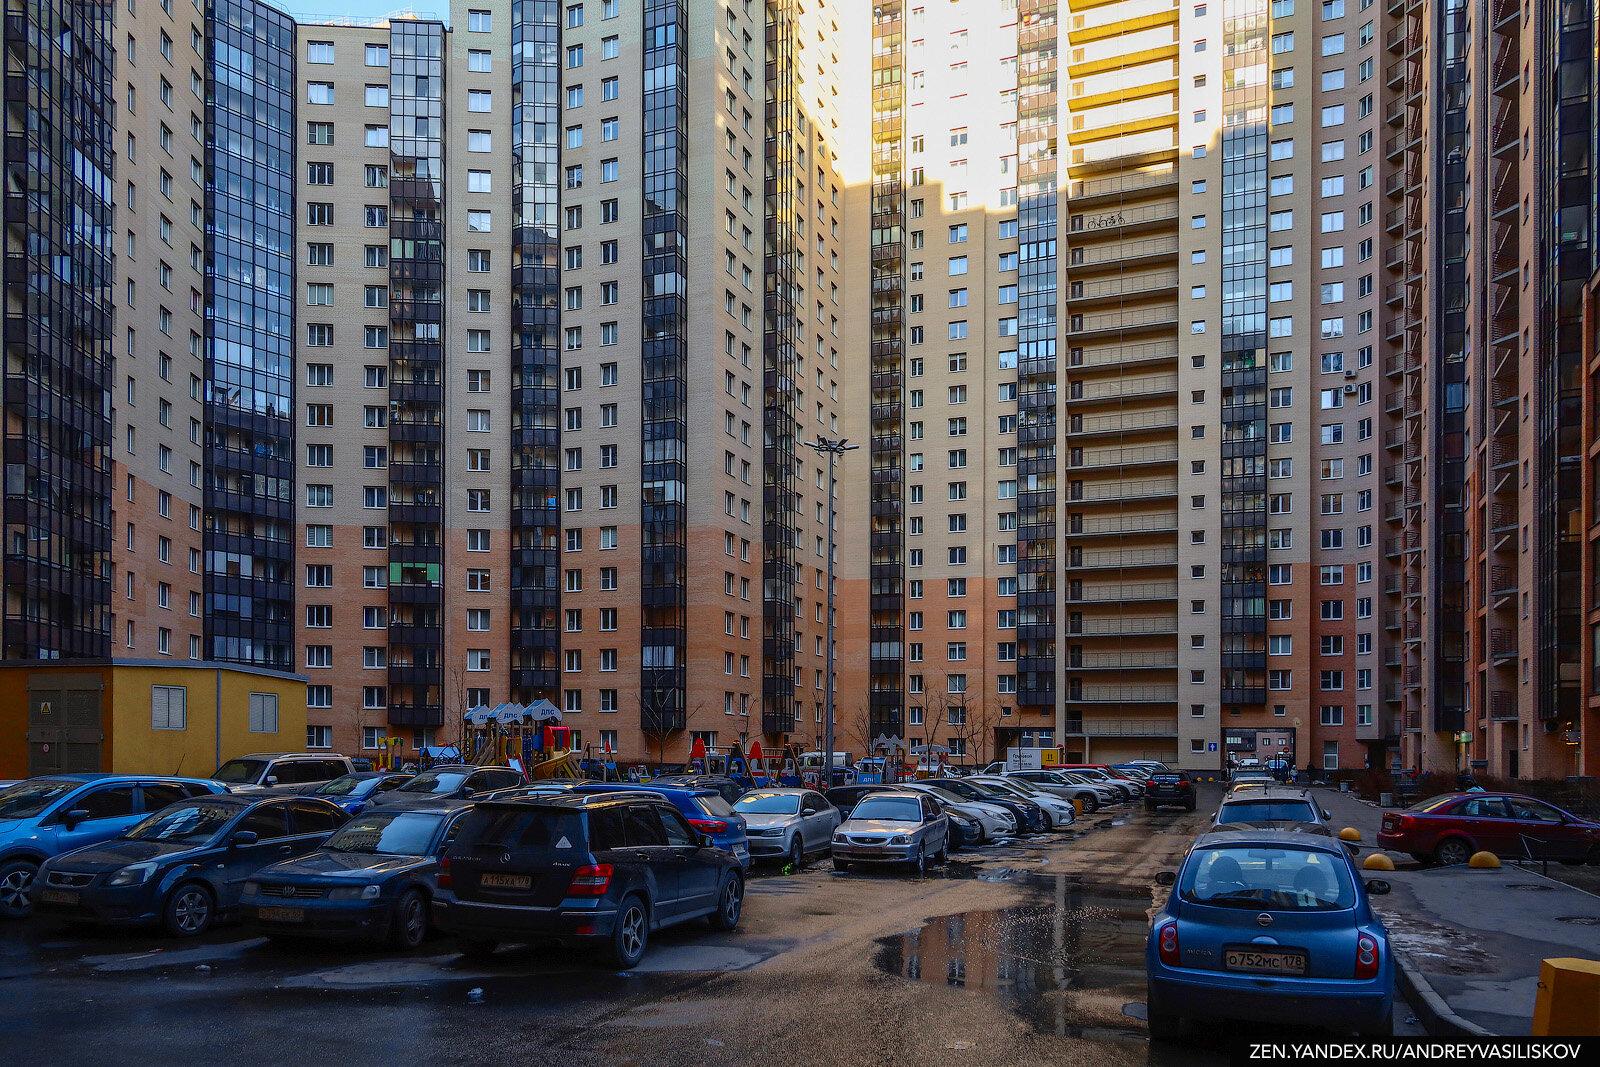 """35 подъездов, 3708 квартир и огромная парковка вместо двора — добро пожаловать в город-дом, главный """"человейник"""" всея Руси"""